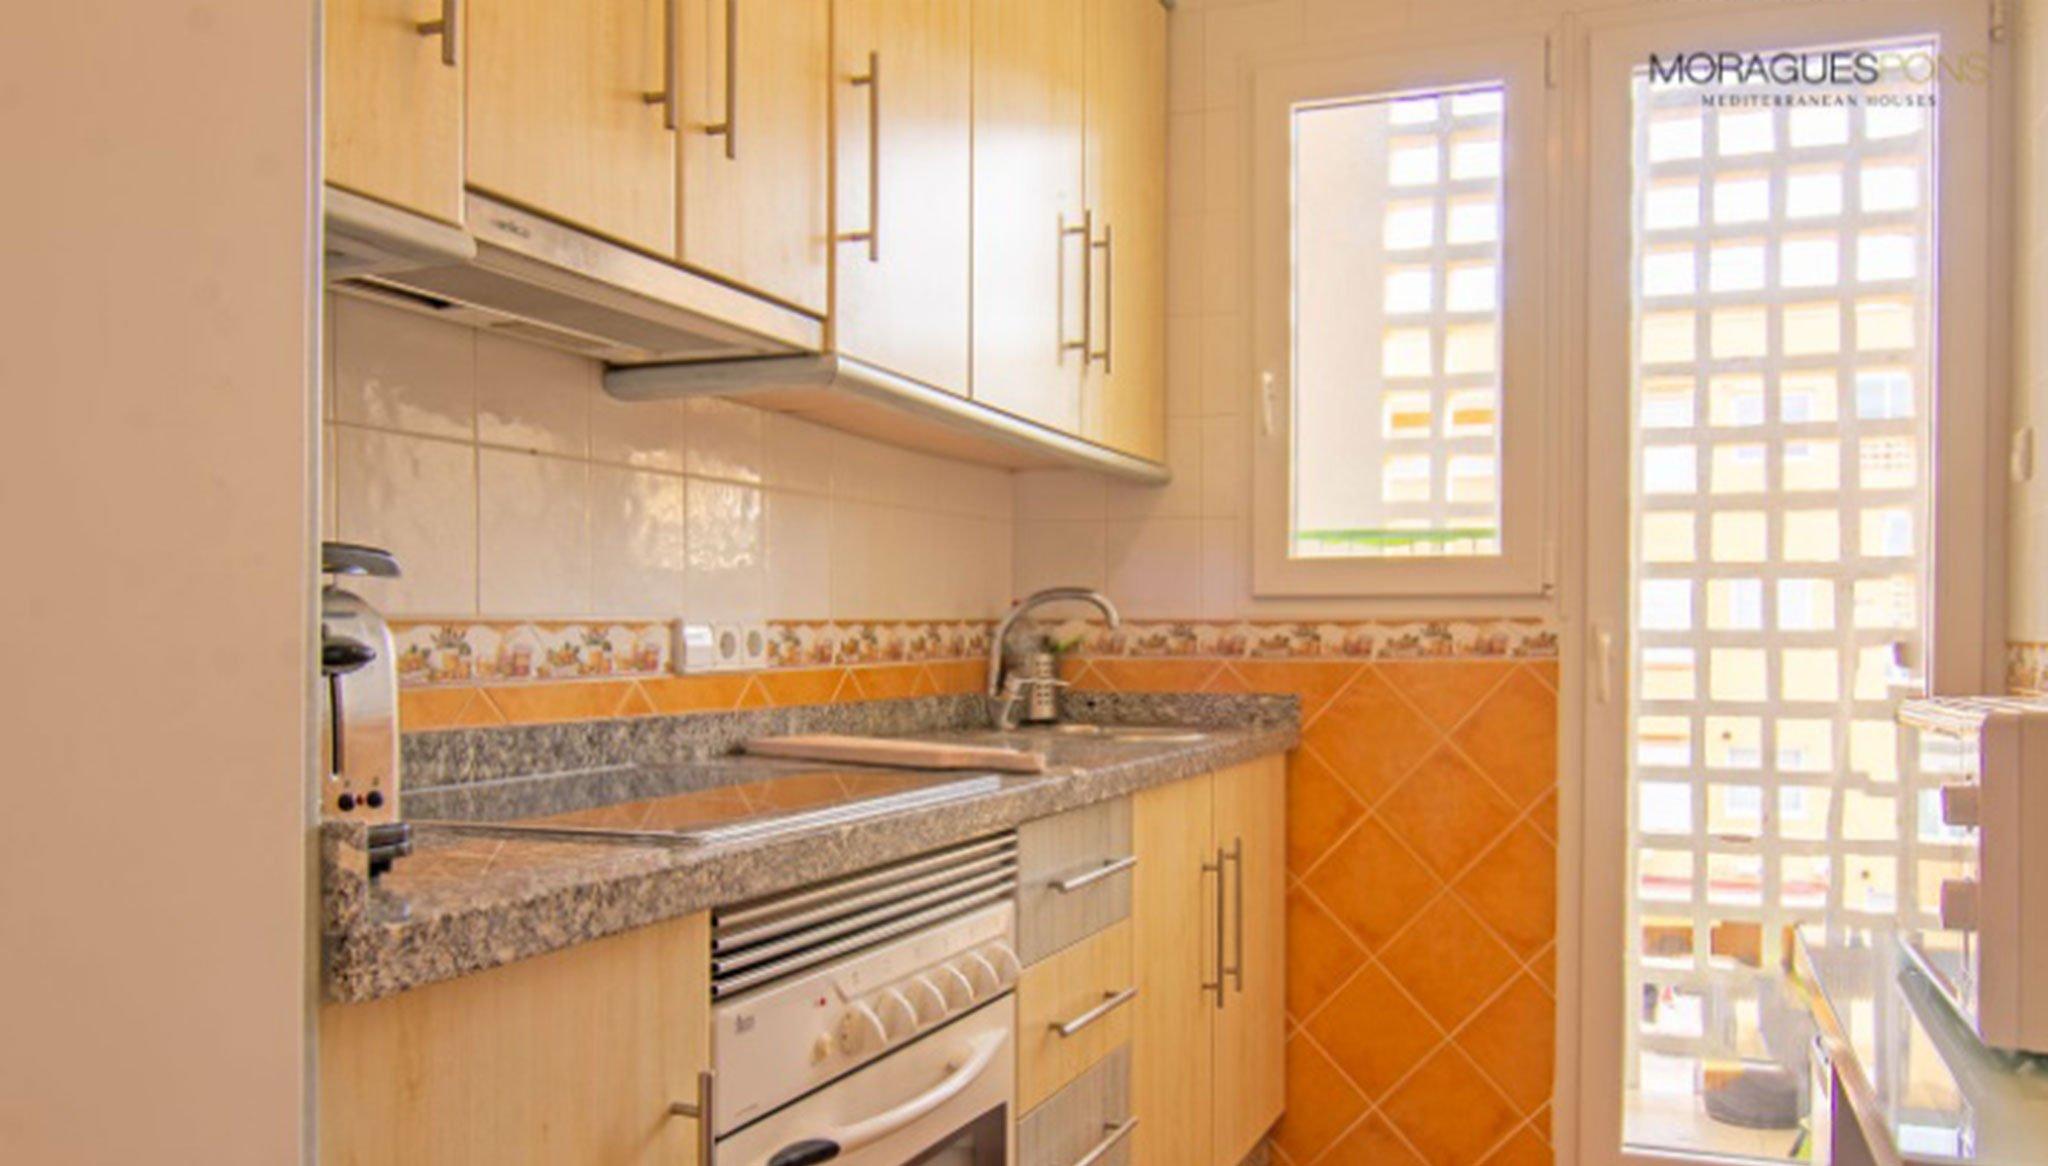 Cocina de un apartamento en venta en la zona del Arenal en Jávea – MORAGUESPONS Mediterranean Houses